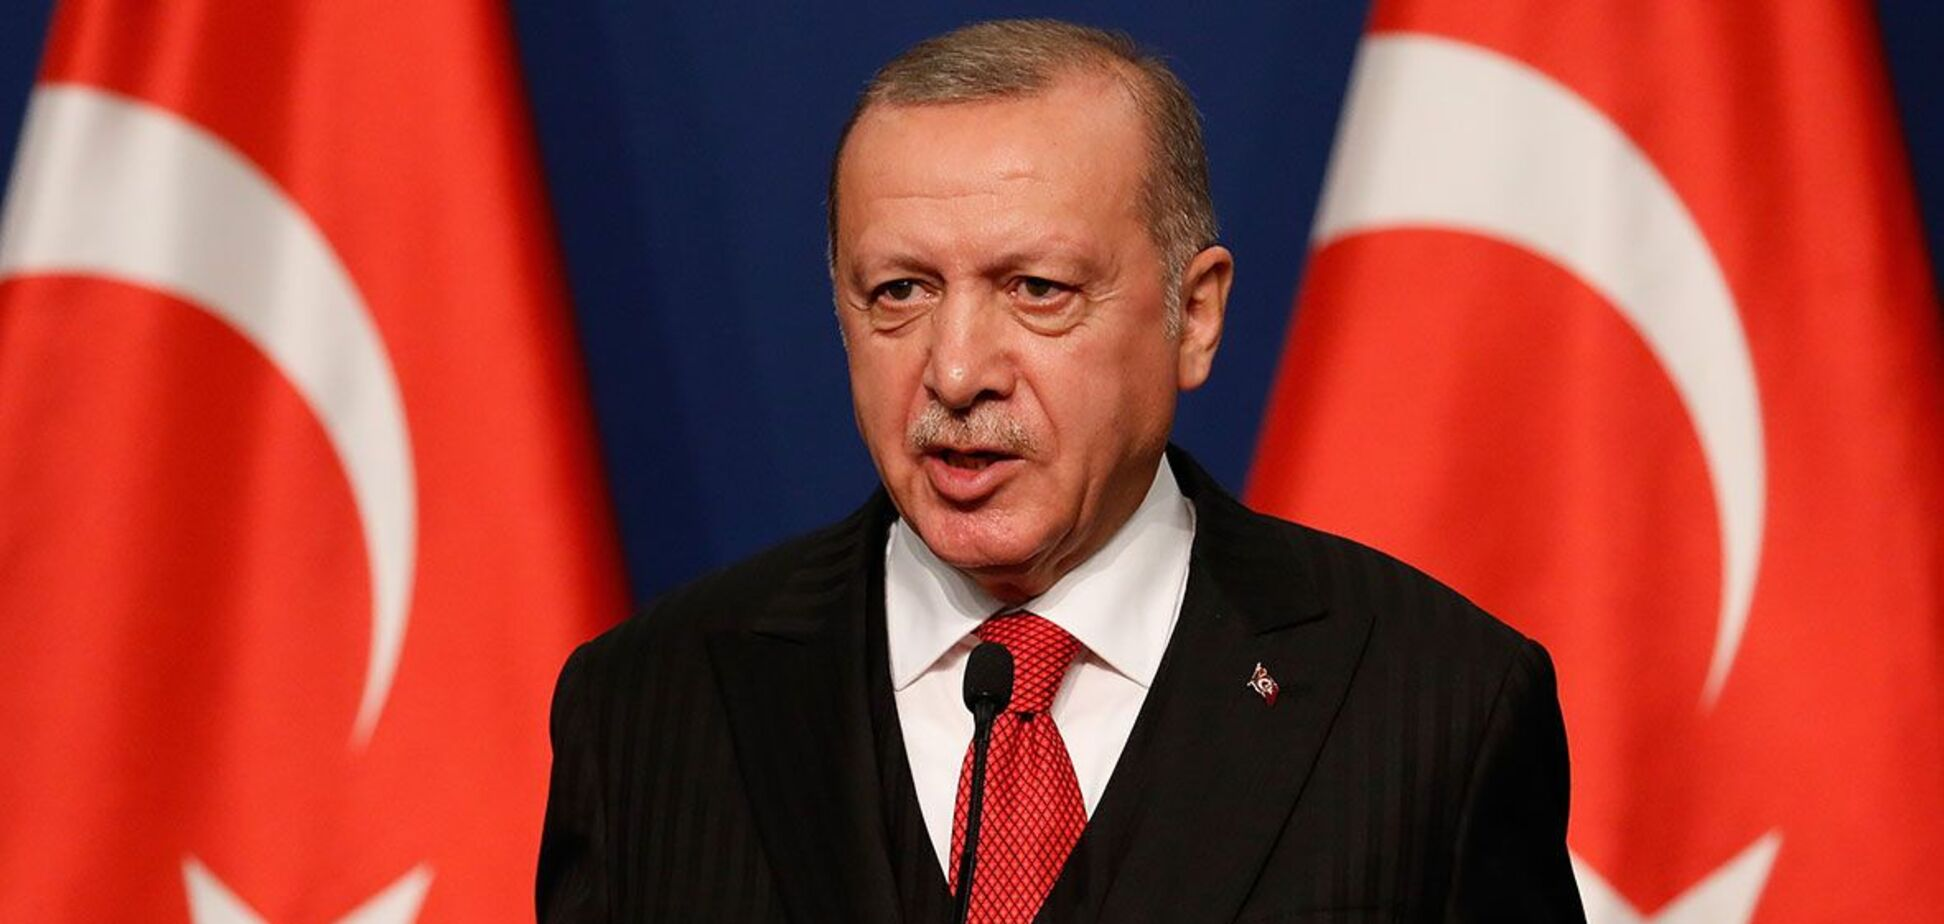 Эрдоган назвал Израиль 'террористическим государством' и потребовал действий от Совбеза ООН